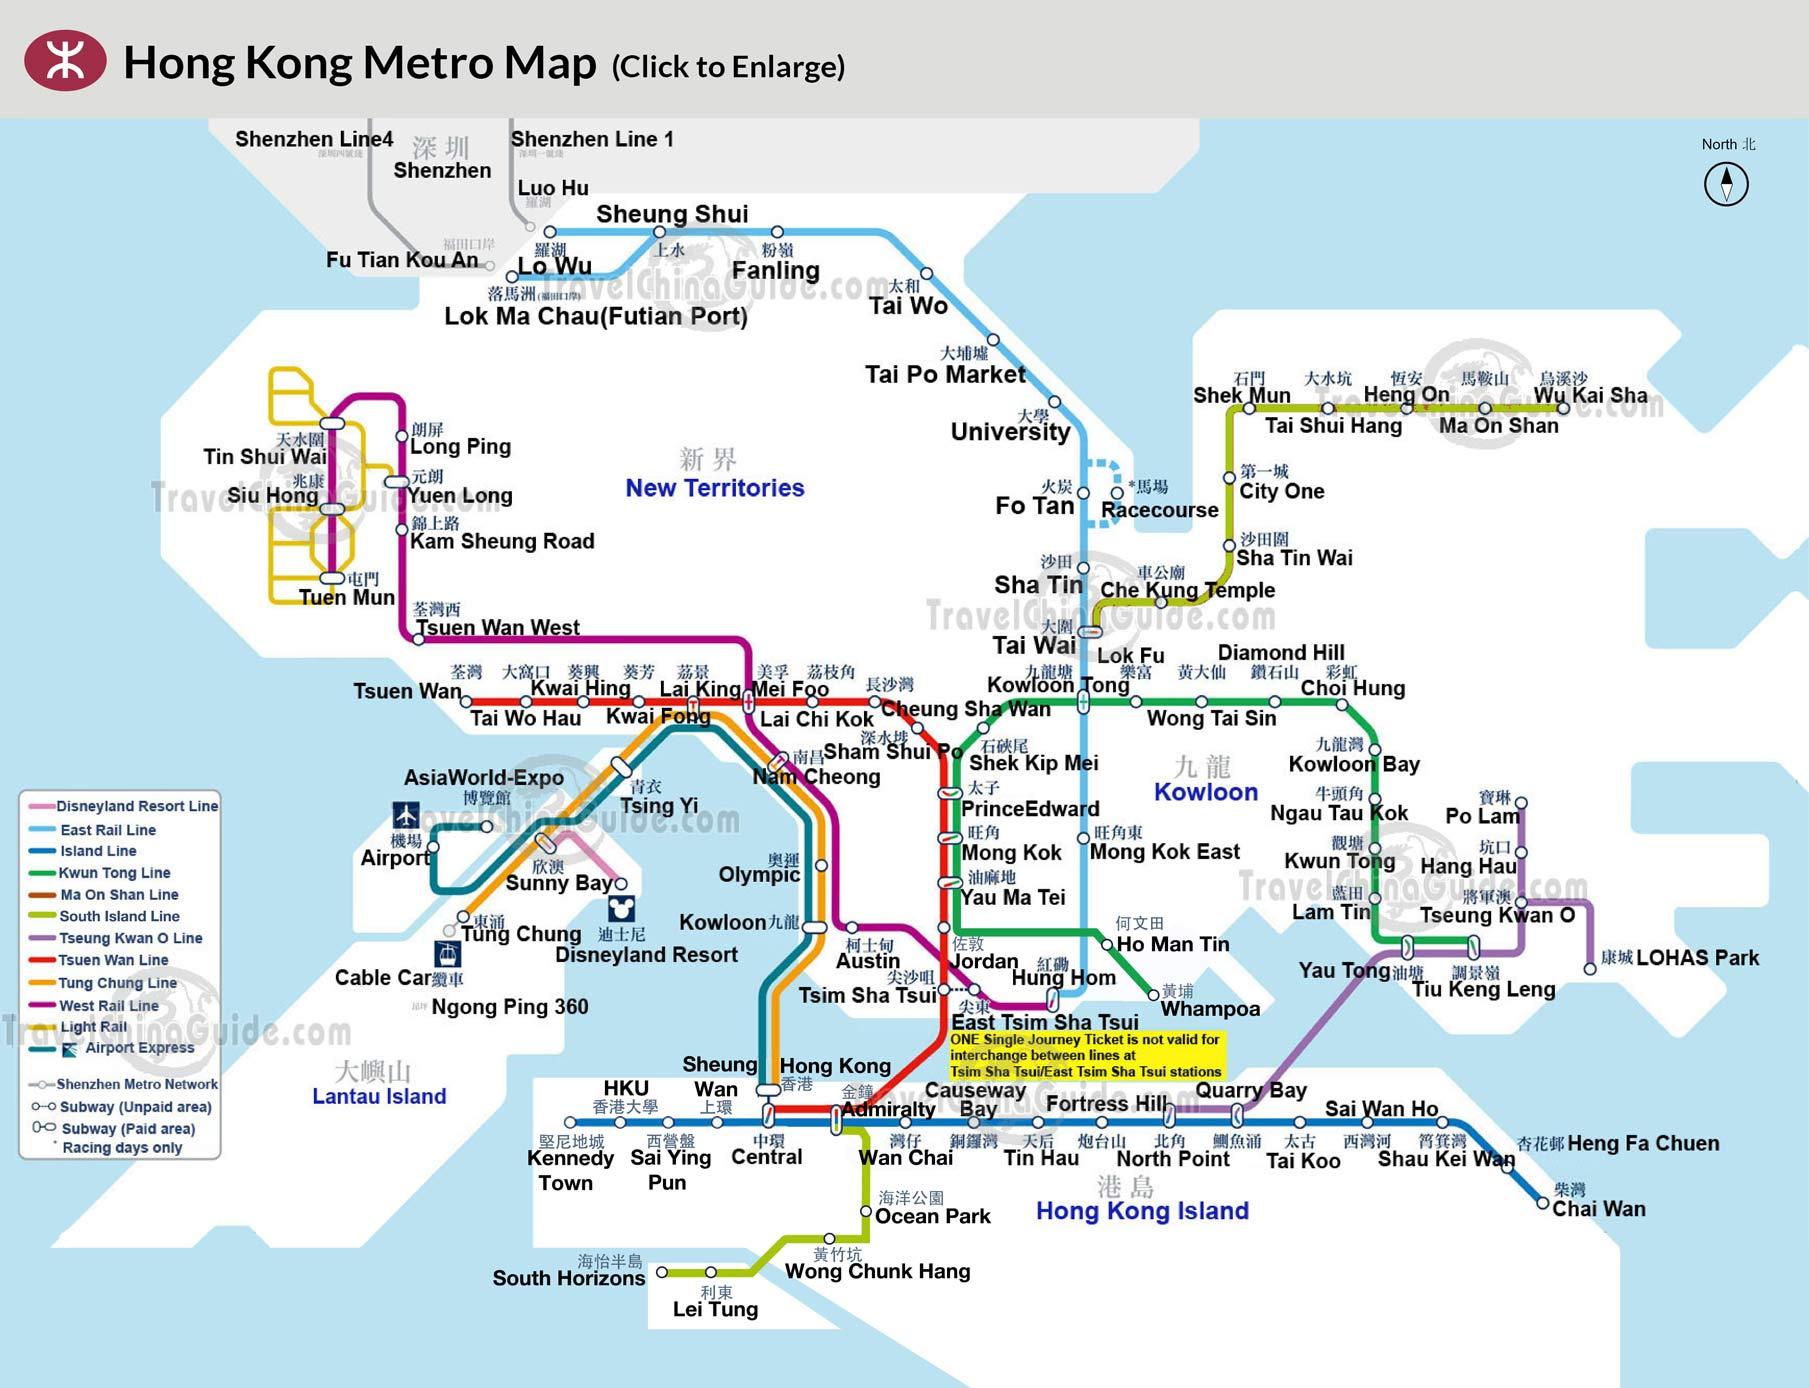 Hong Kong Subway Map metro map hong kong mtr hong kong map   Living + Nomads – Travel